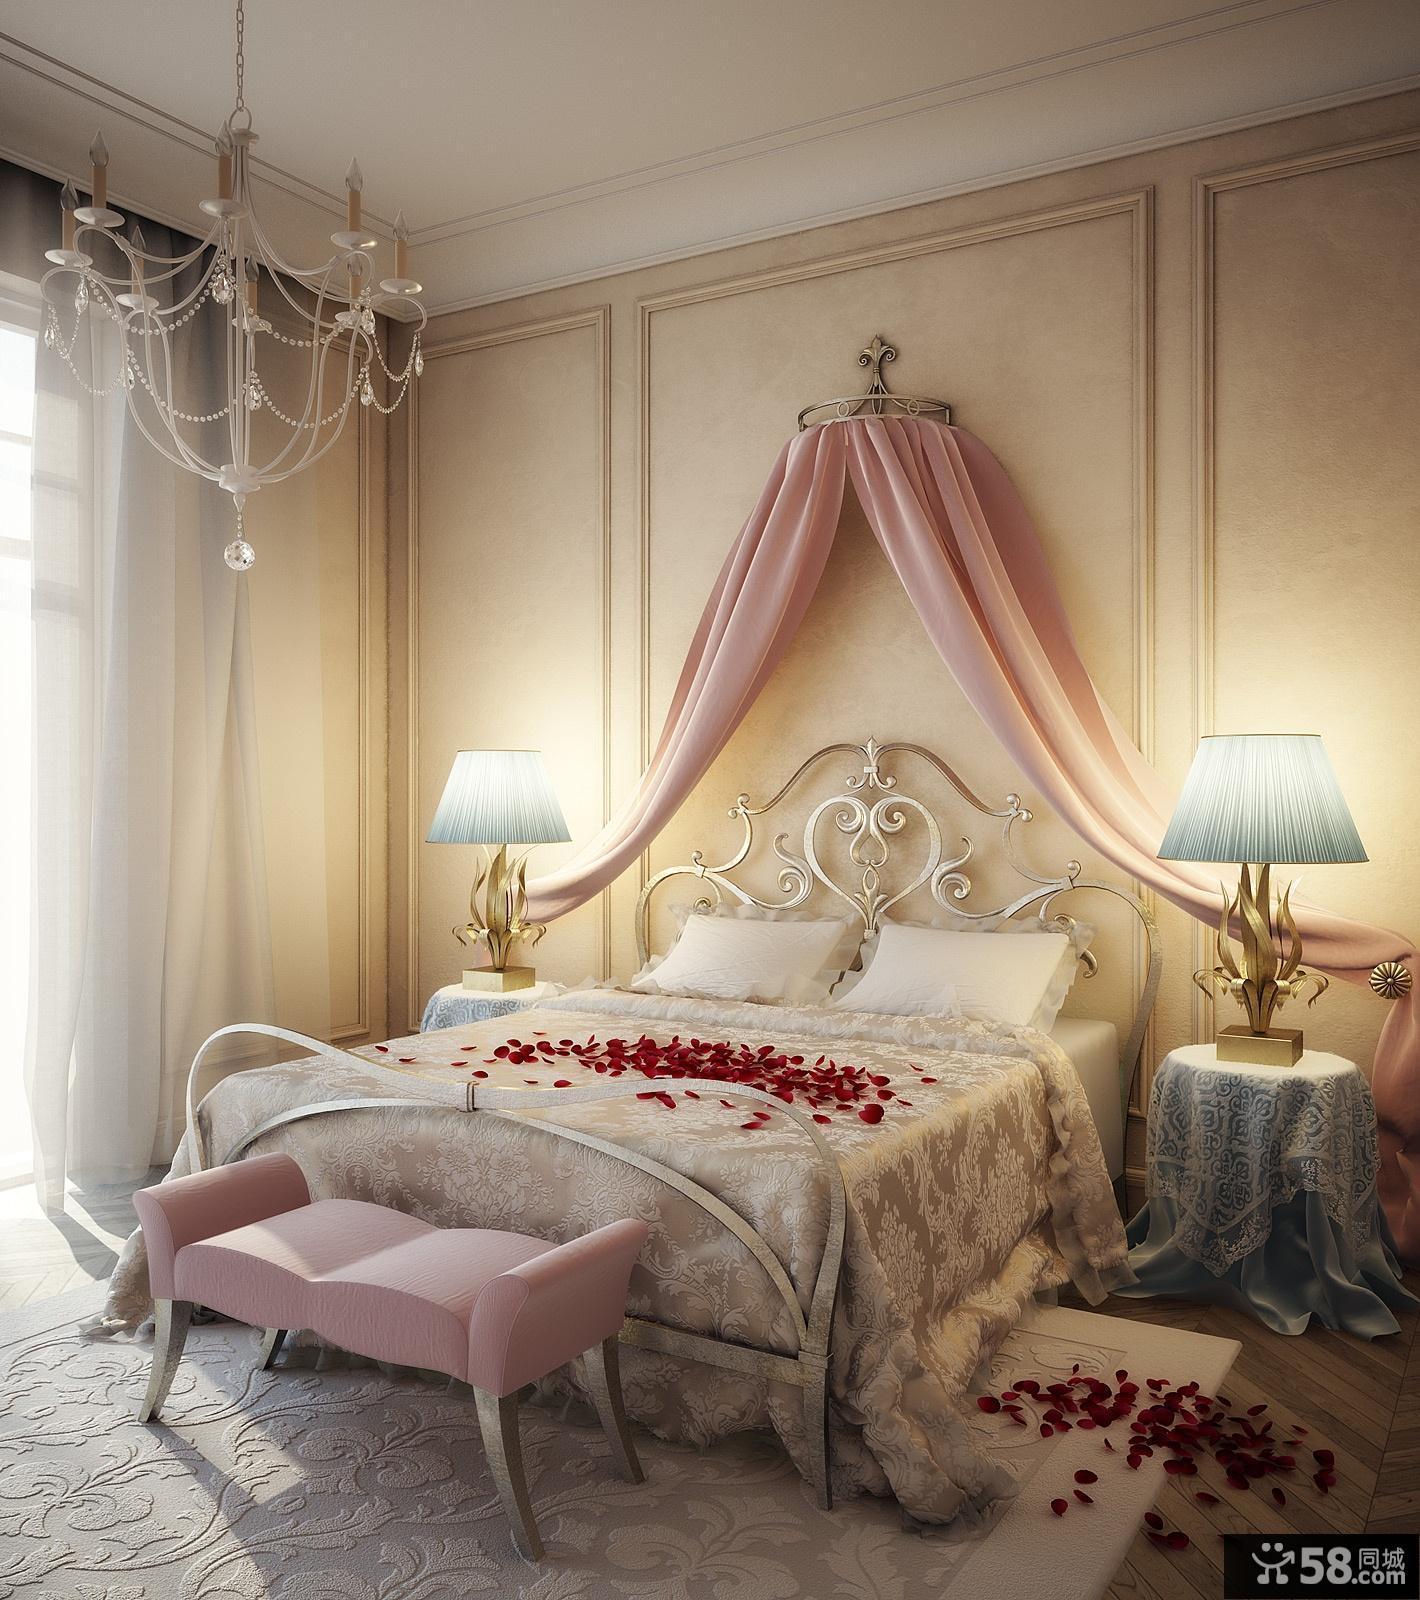 主卧室装修效果图大全2012图片 婚房卧室效果图